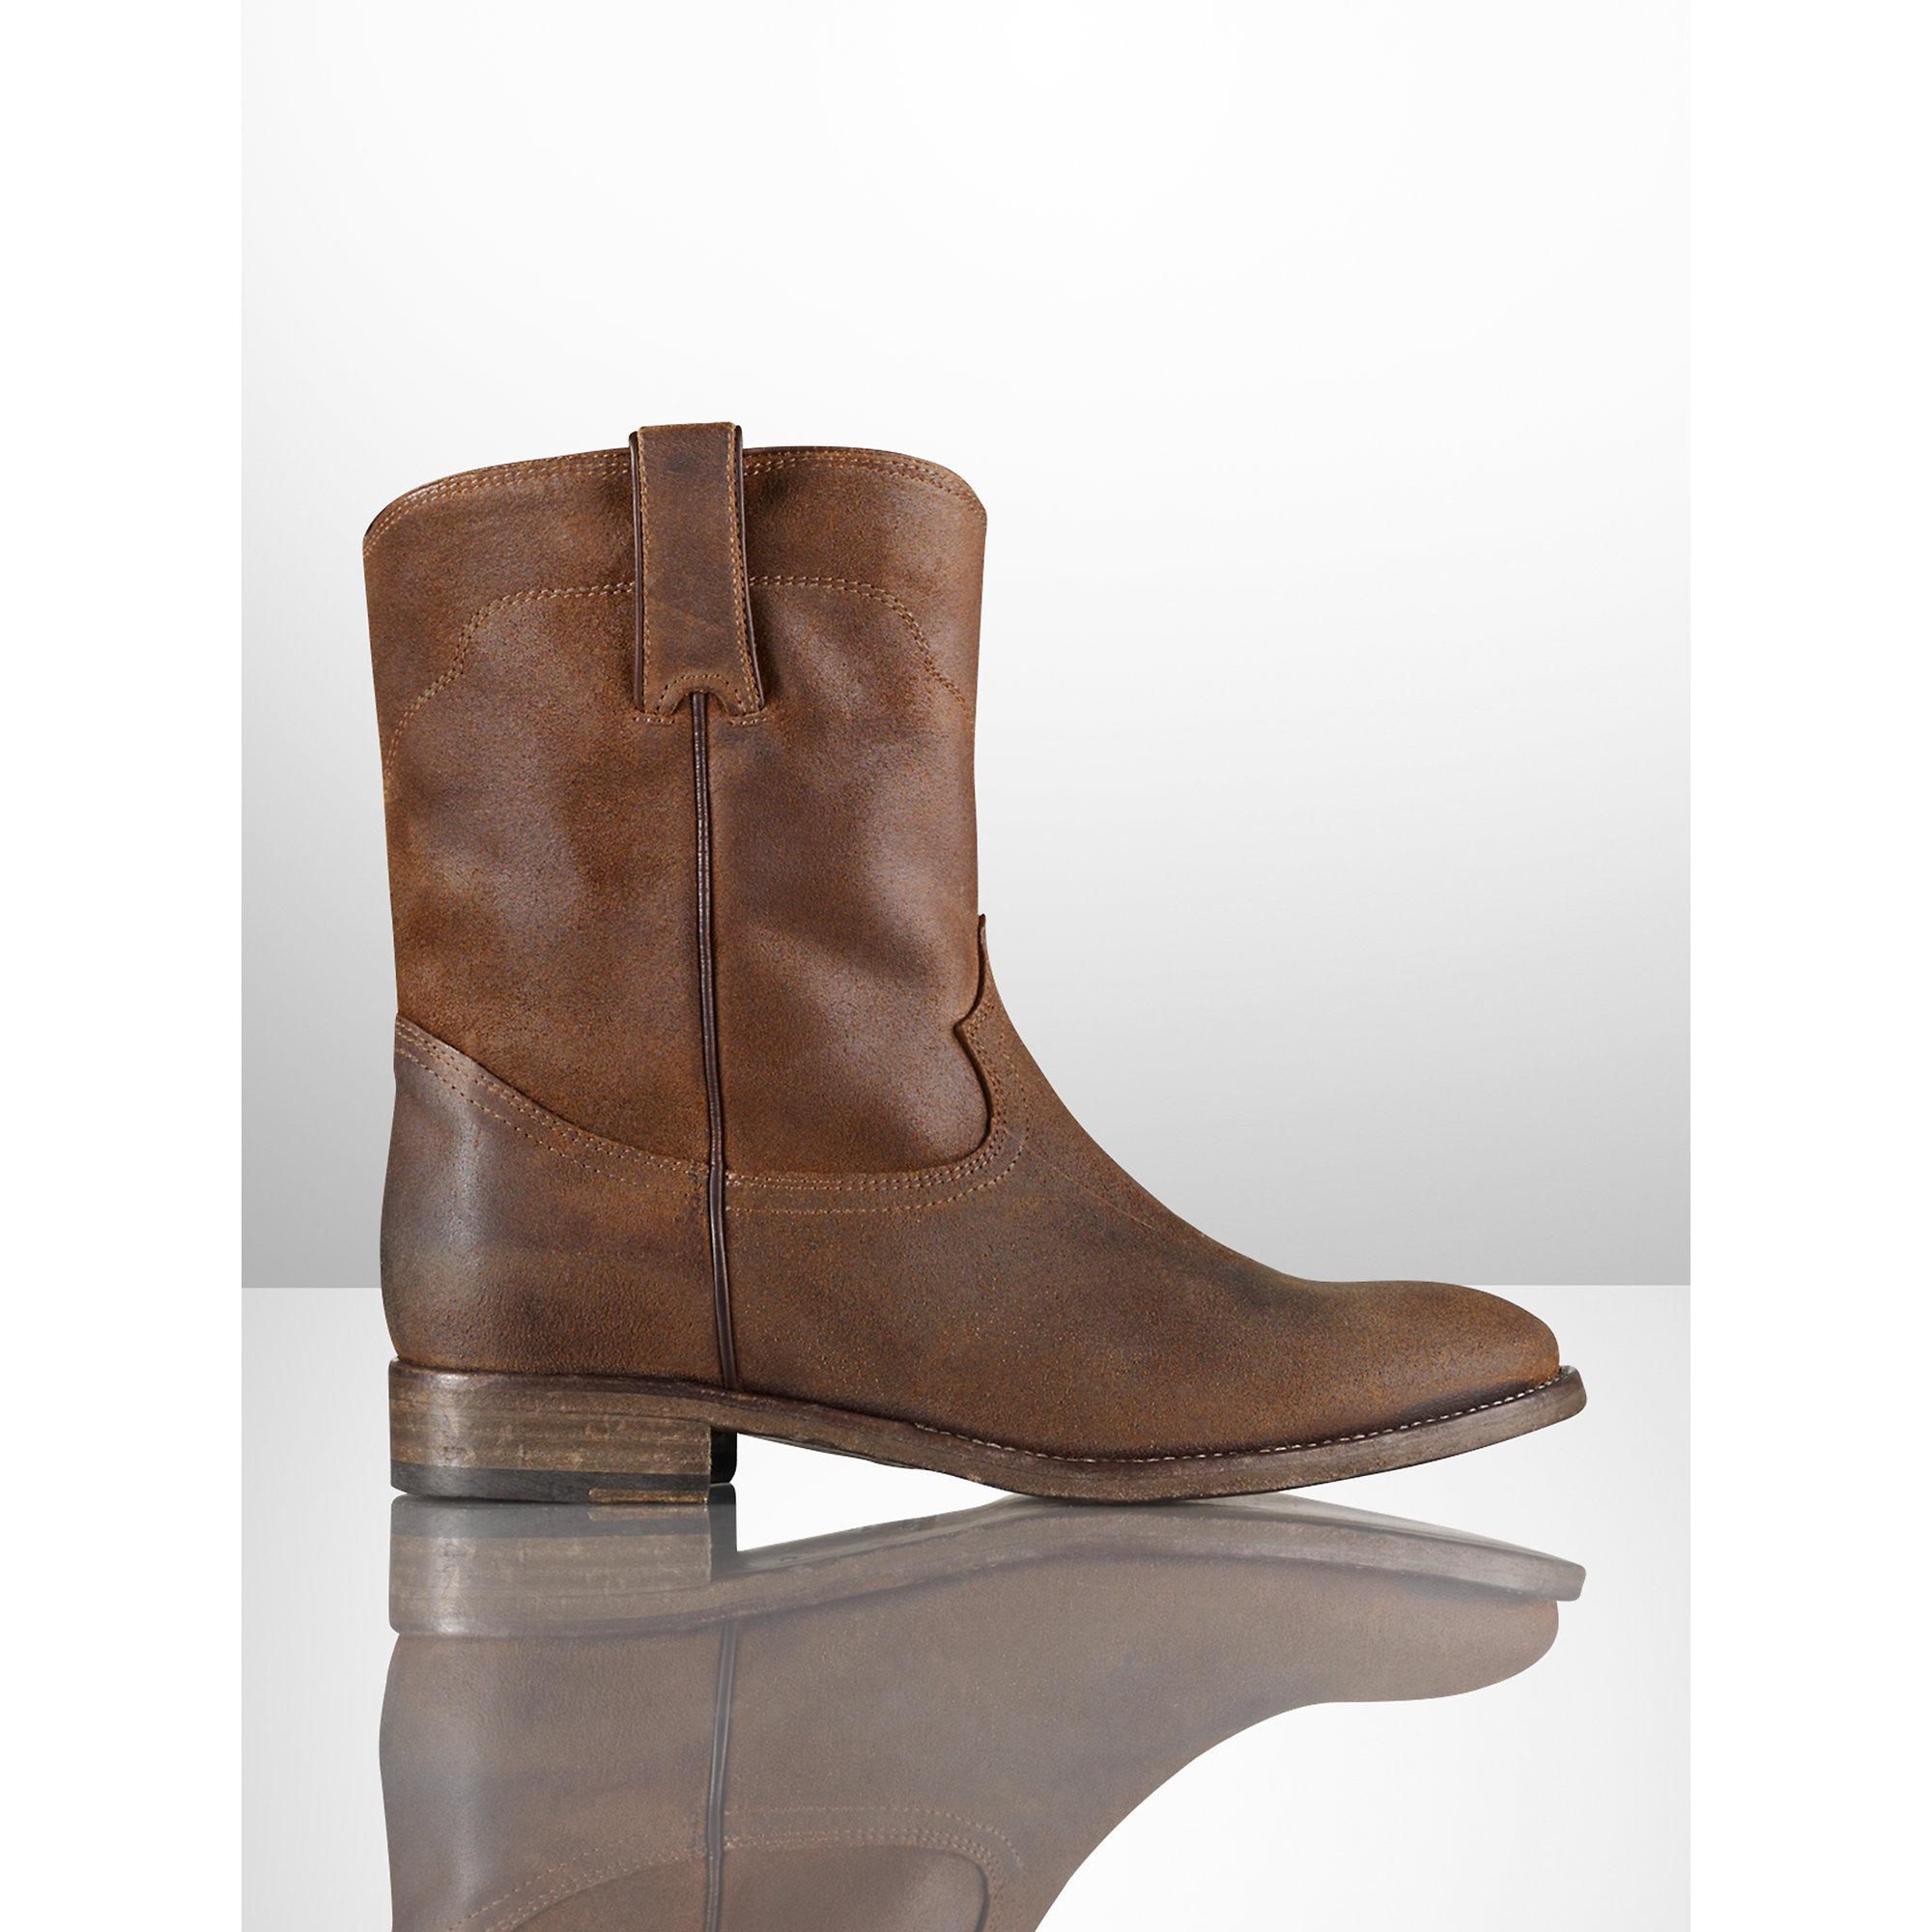 Ralph lauren Distressed-Suede Marlow Boot in Brown   Lyst